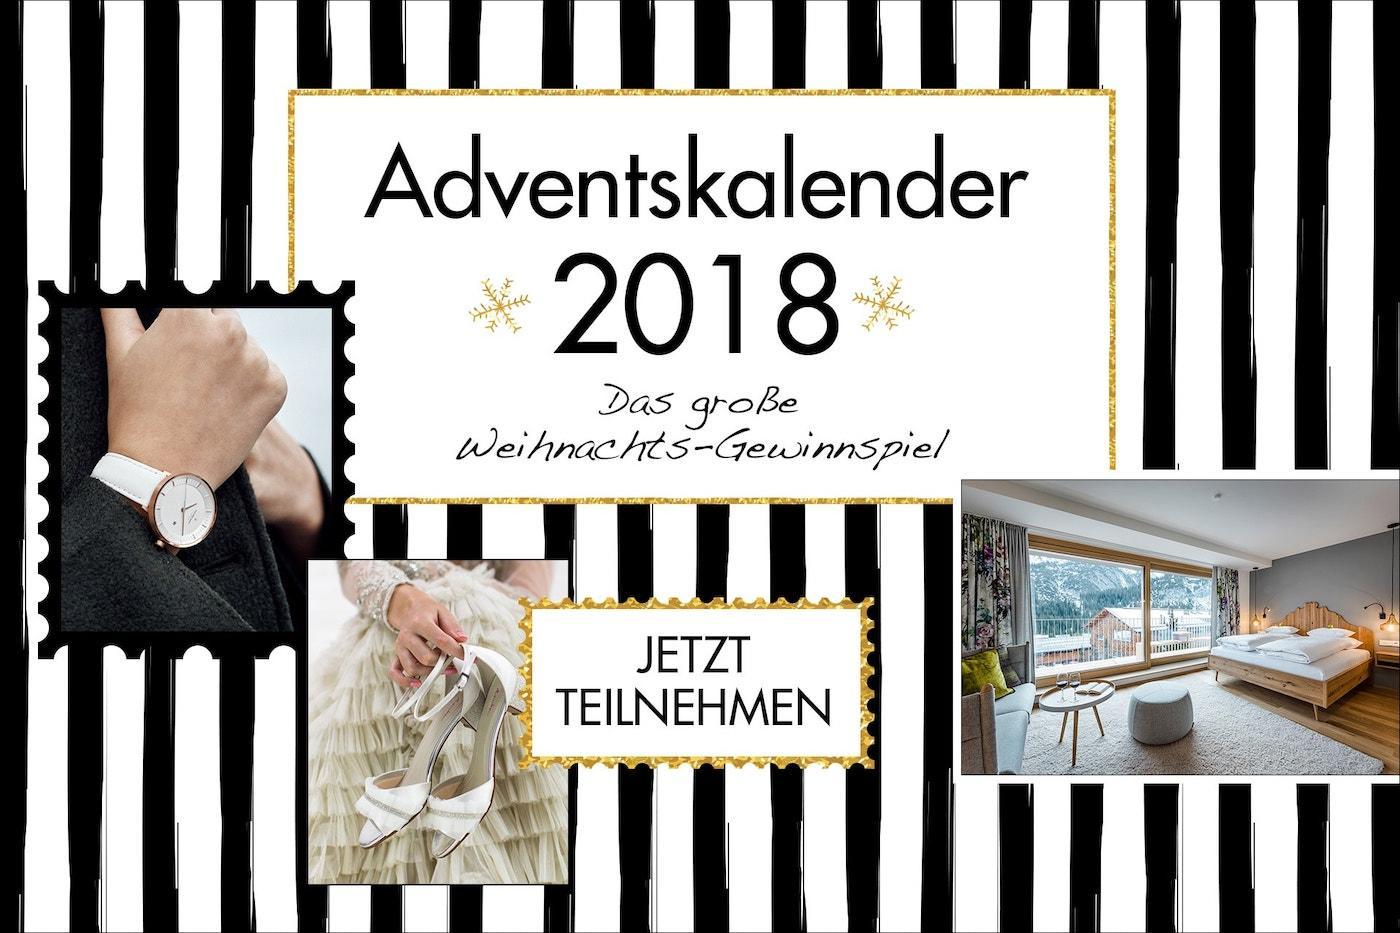 adventskalender 2018 gro es weihnachts gewinnspiel heiraten mit. Black Bedroom Furniture Sets. Home Design Ideas